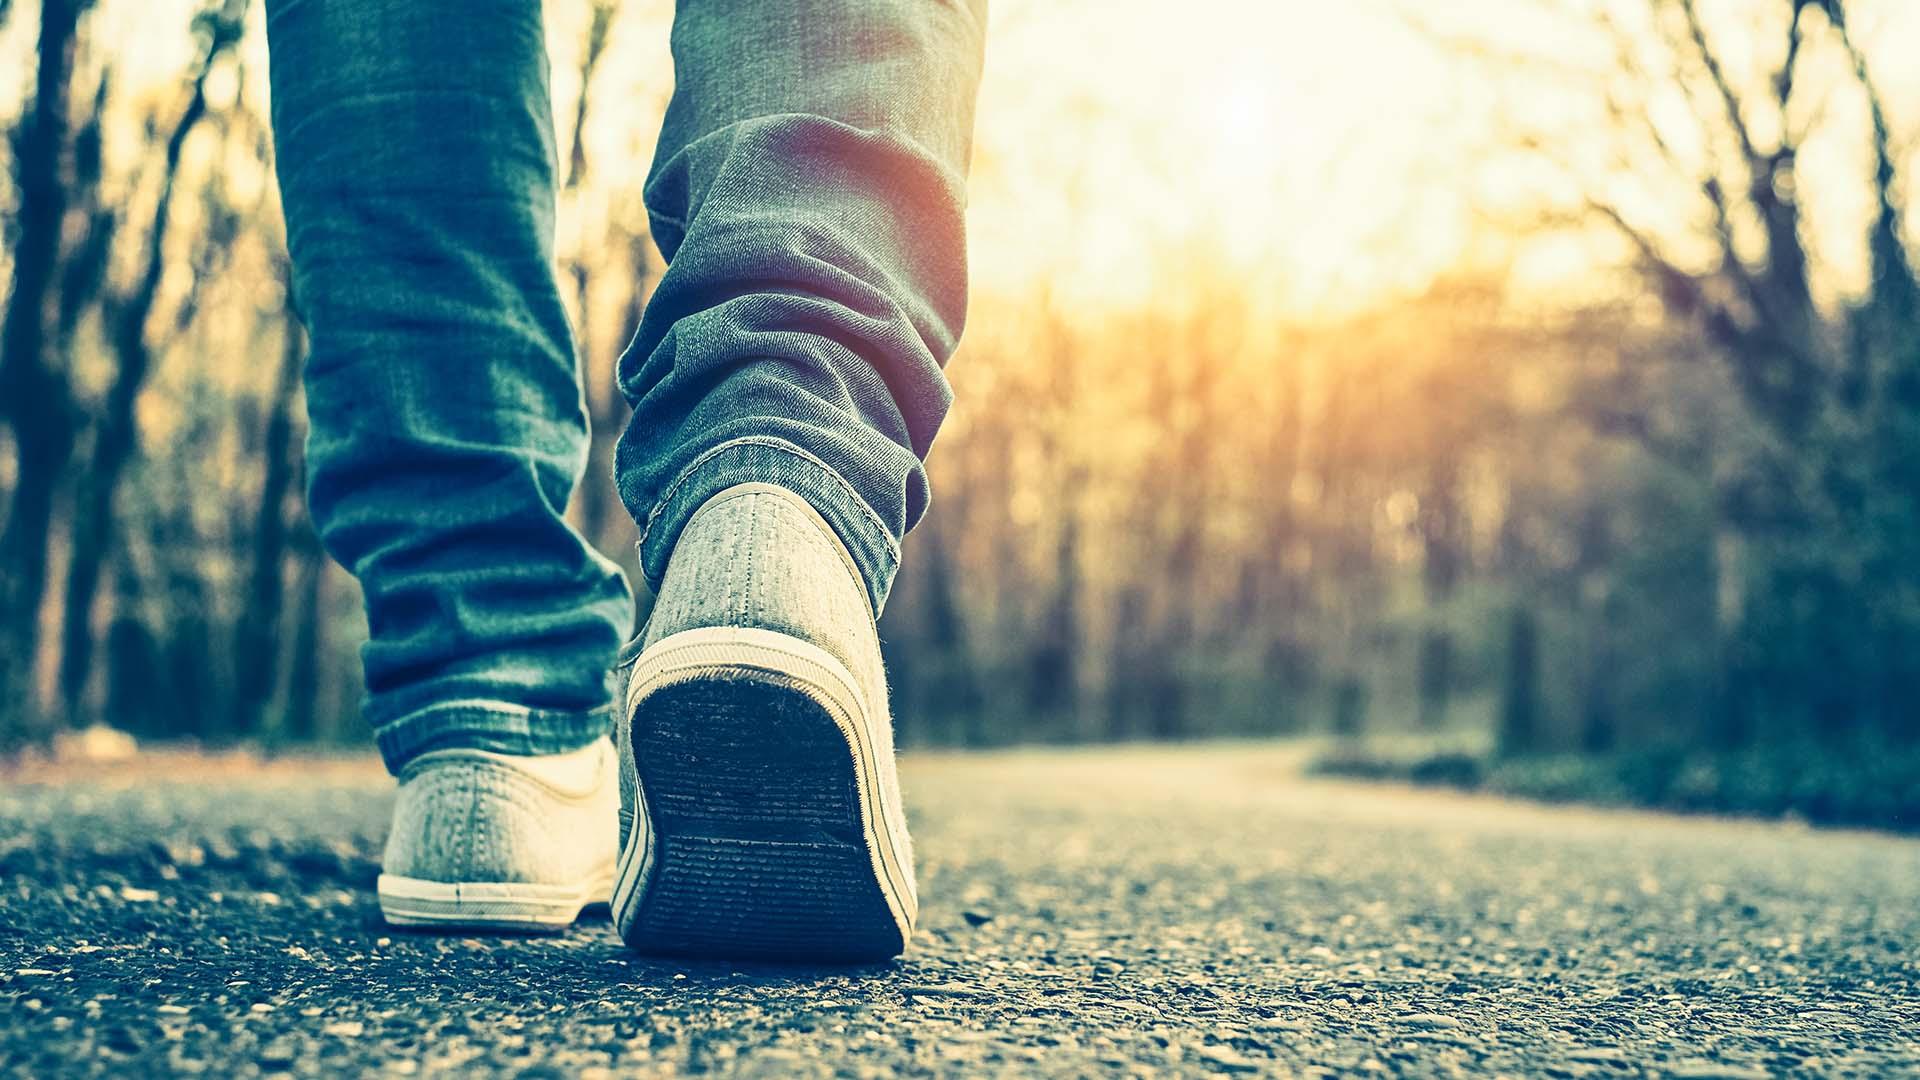 Walking Down Path